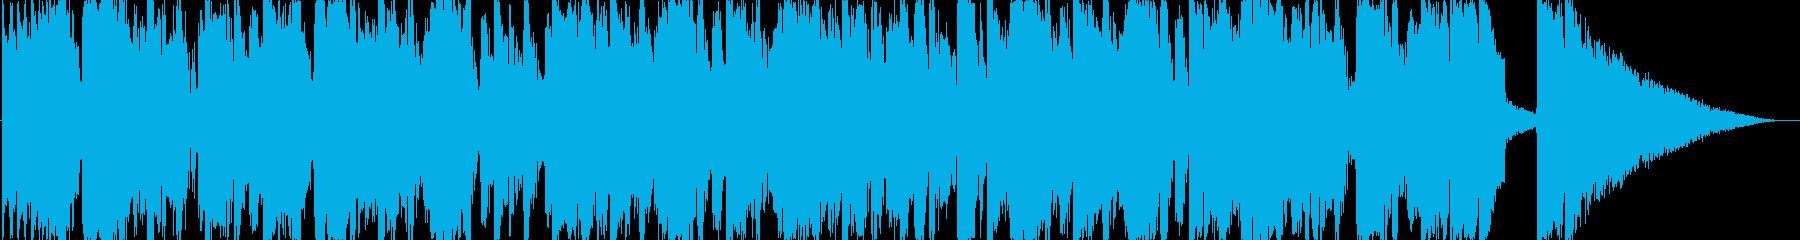 アシッドジャズ風おしゃれな30秒CM楽曲の再生済みの波形